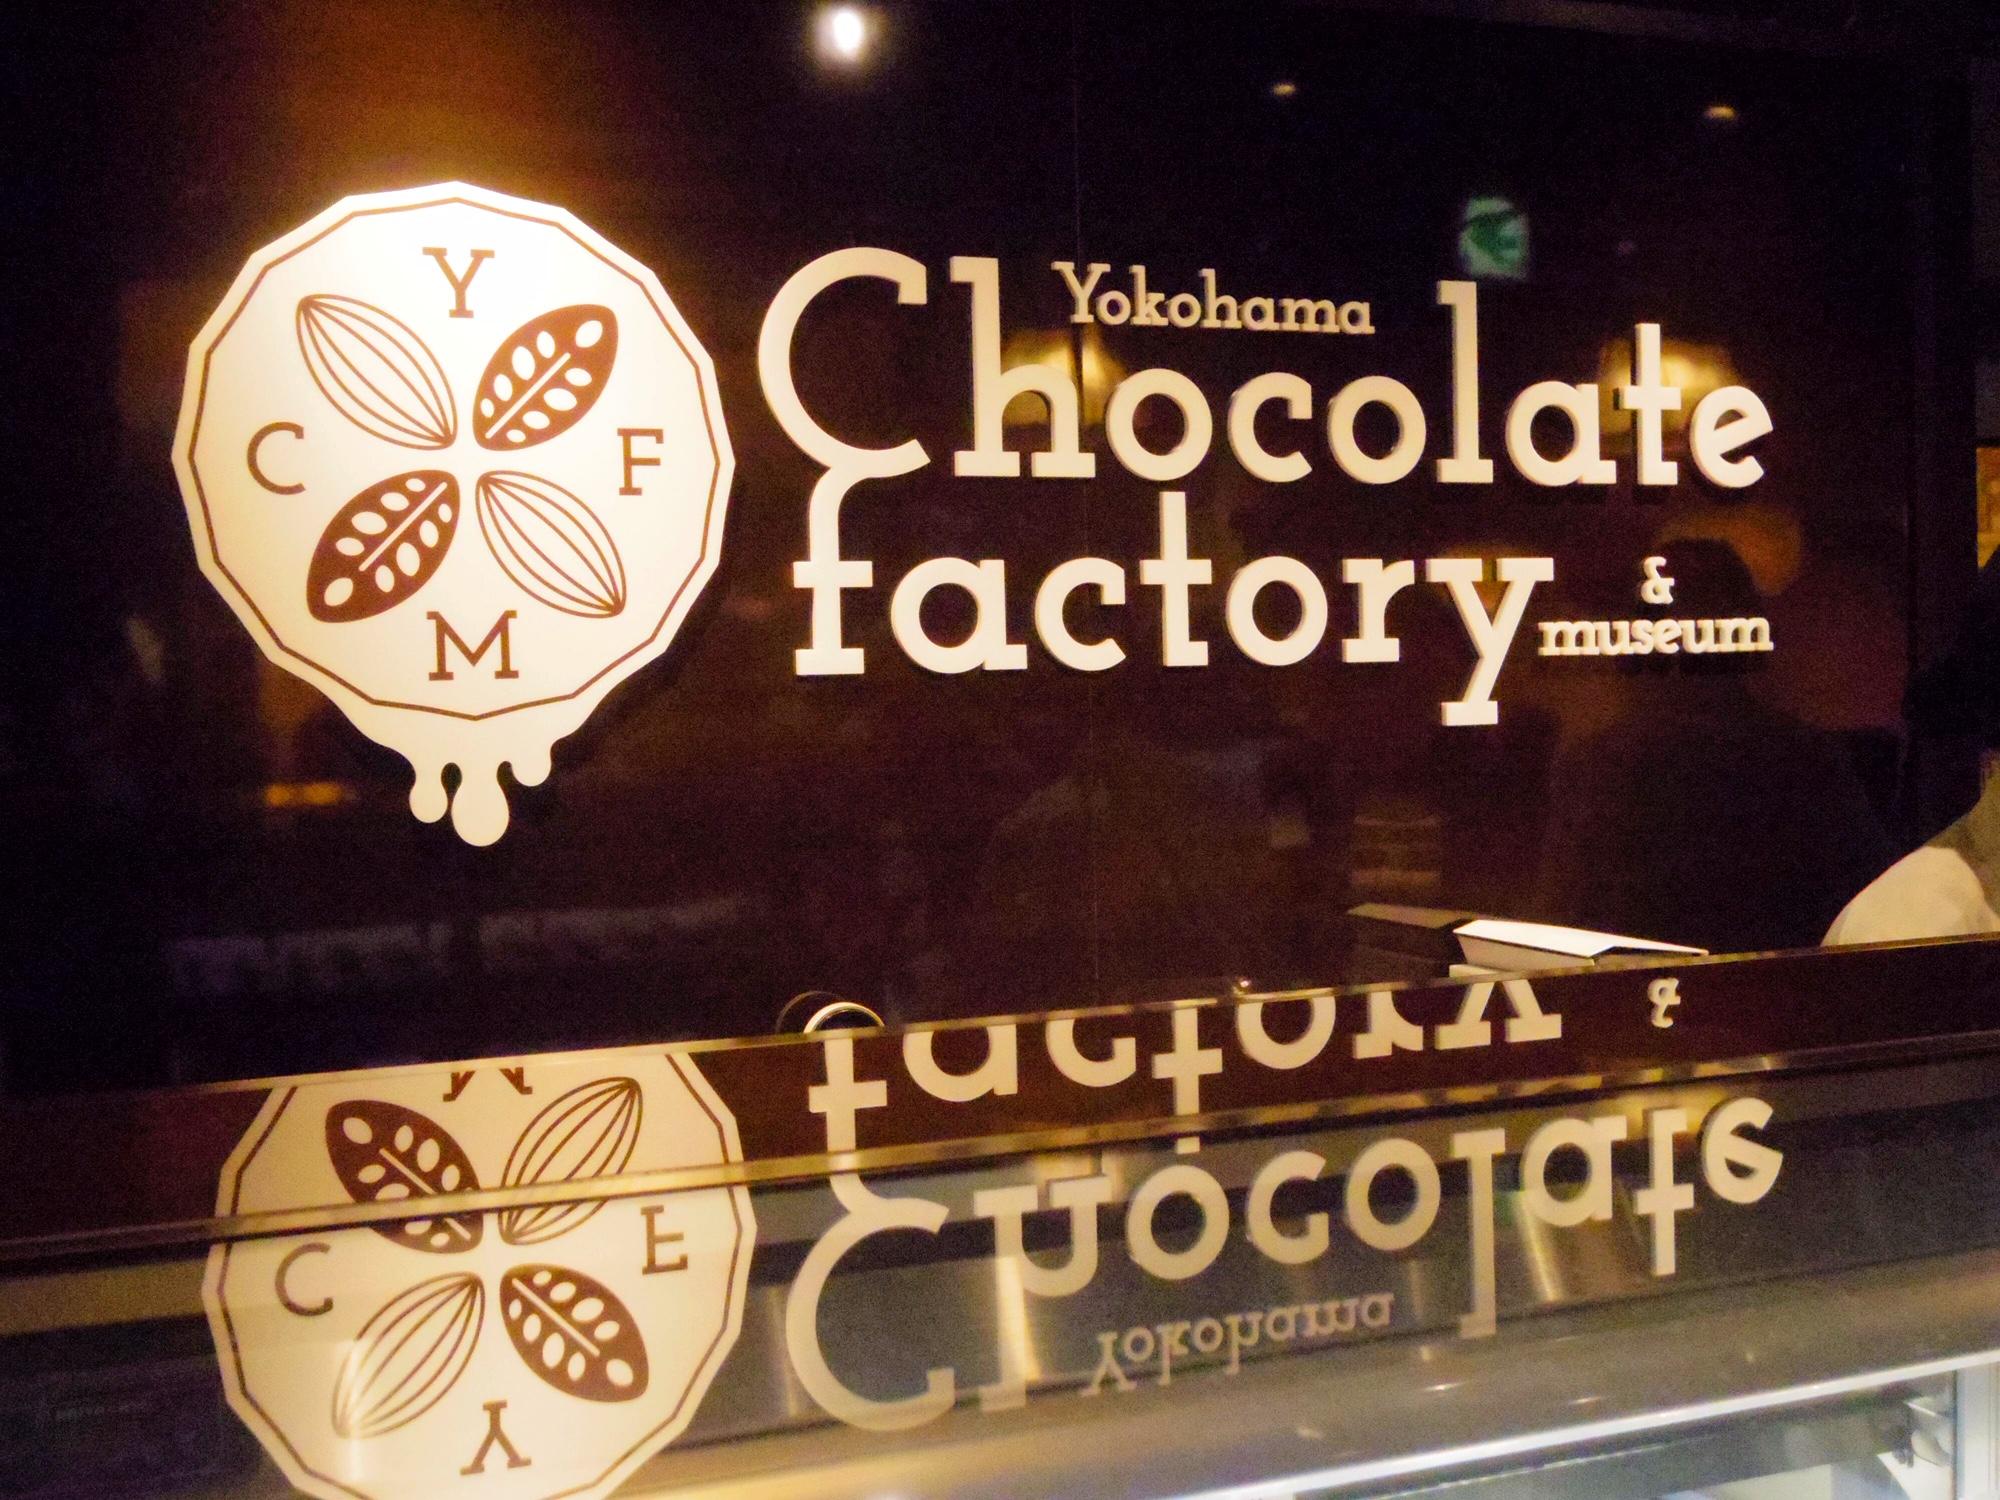 【食べるだけじゃない!】横浜のチョコレートファクトリーに行ってきた♡_1